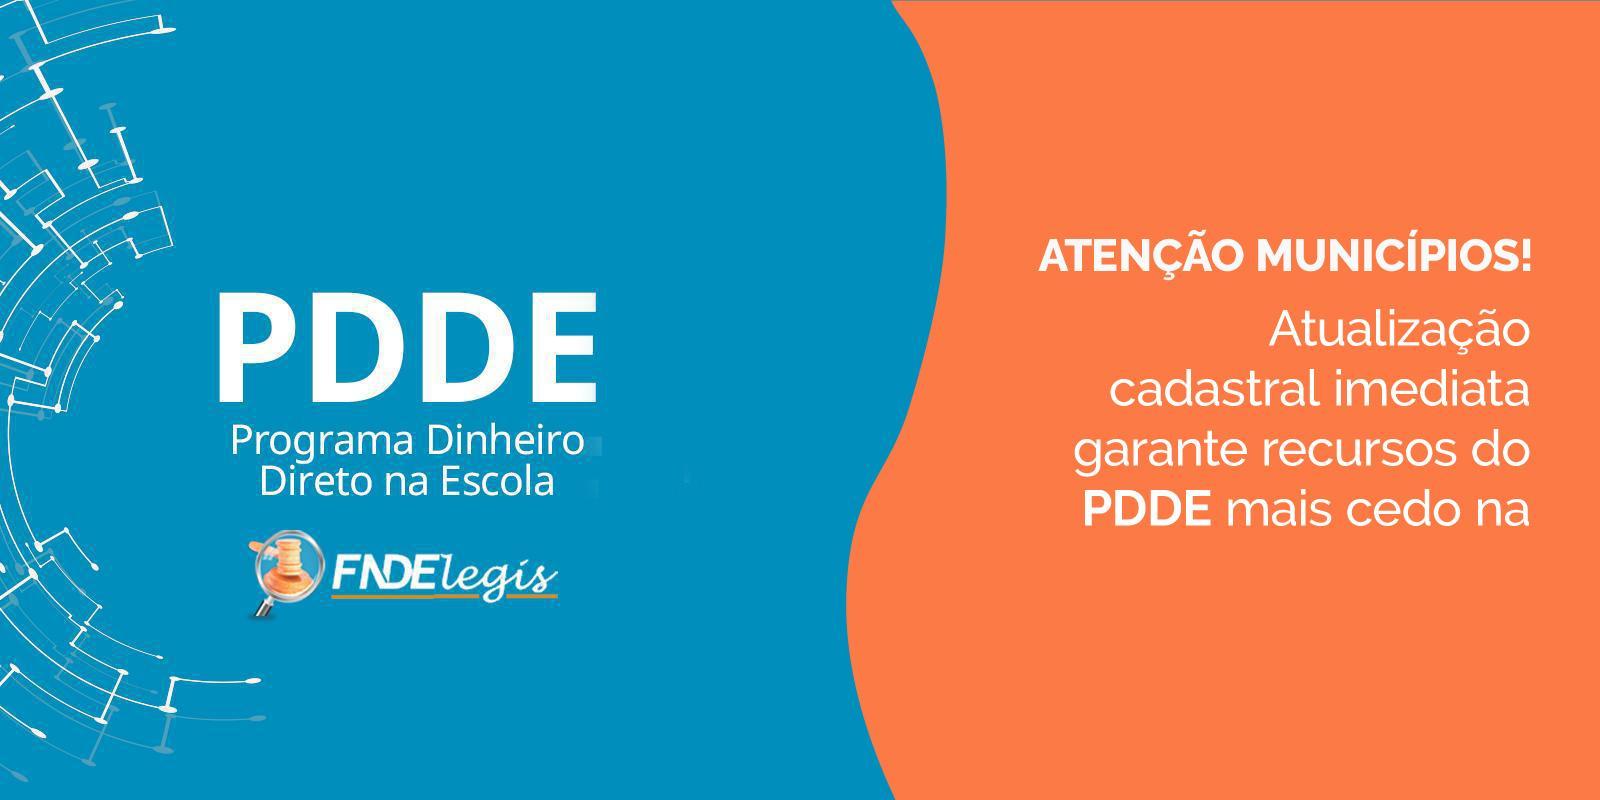 Atualização cadastral imediata garante recursos do PDDE mais cedo na conta